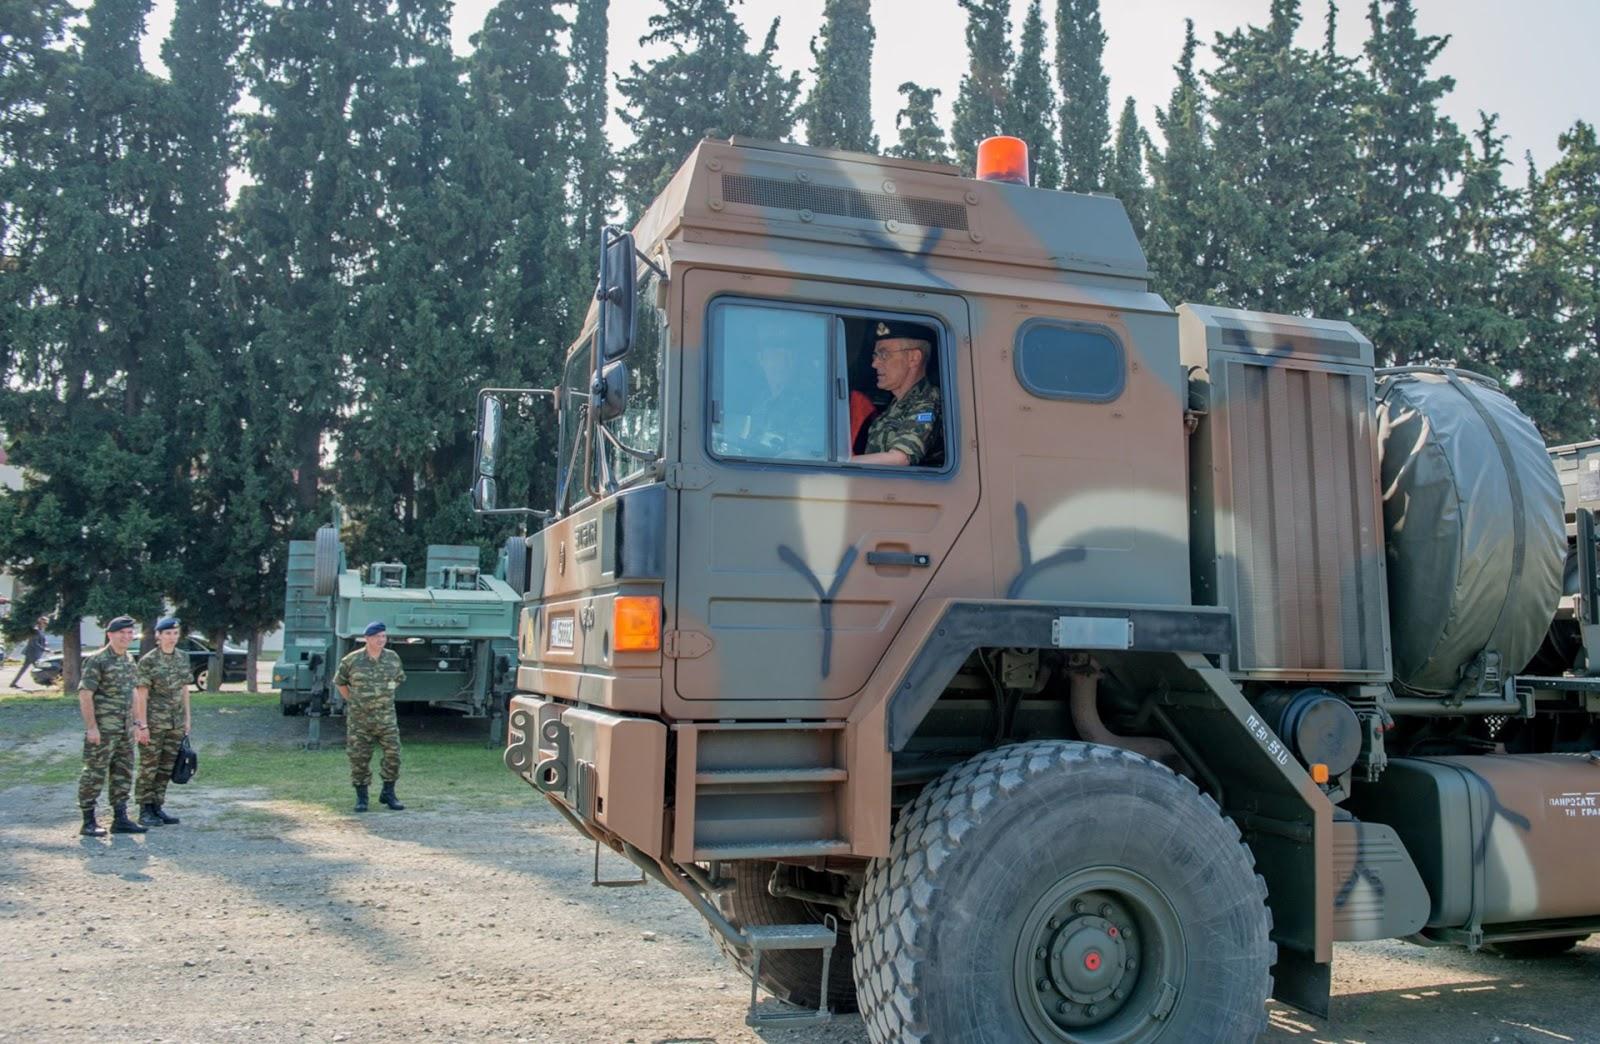 Ο Αρχηγός ΓΕΣ οδήγησε αρματοφορέα! (ΦΩΤΟ) - Φωτογραφία 1